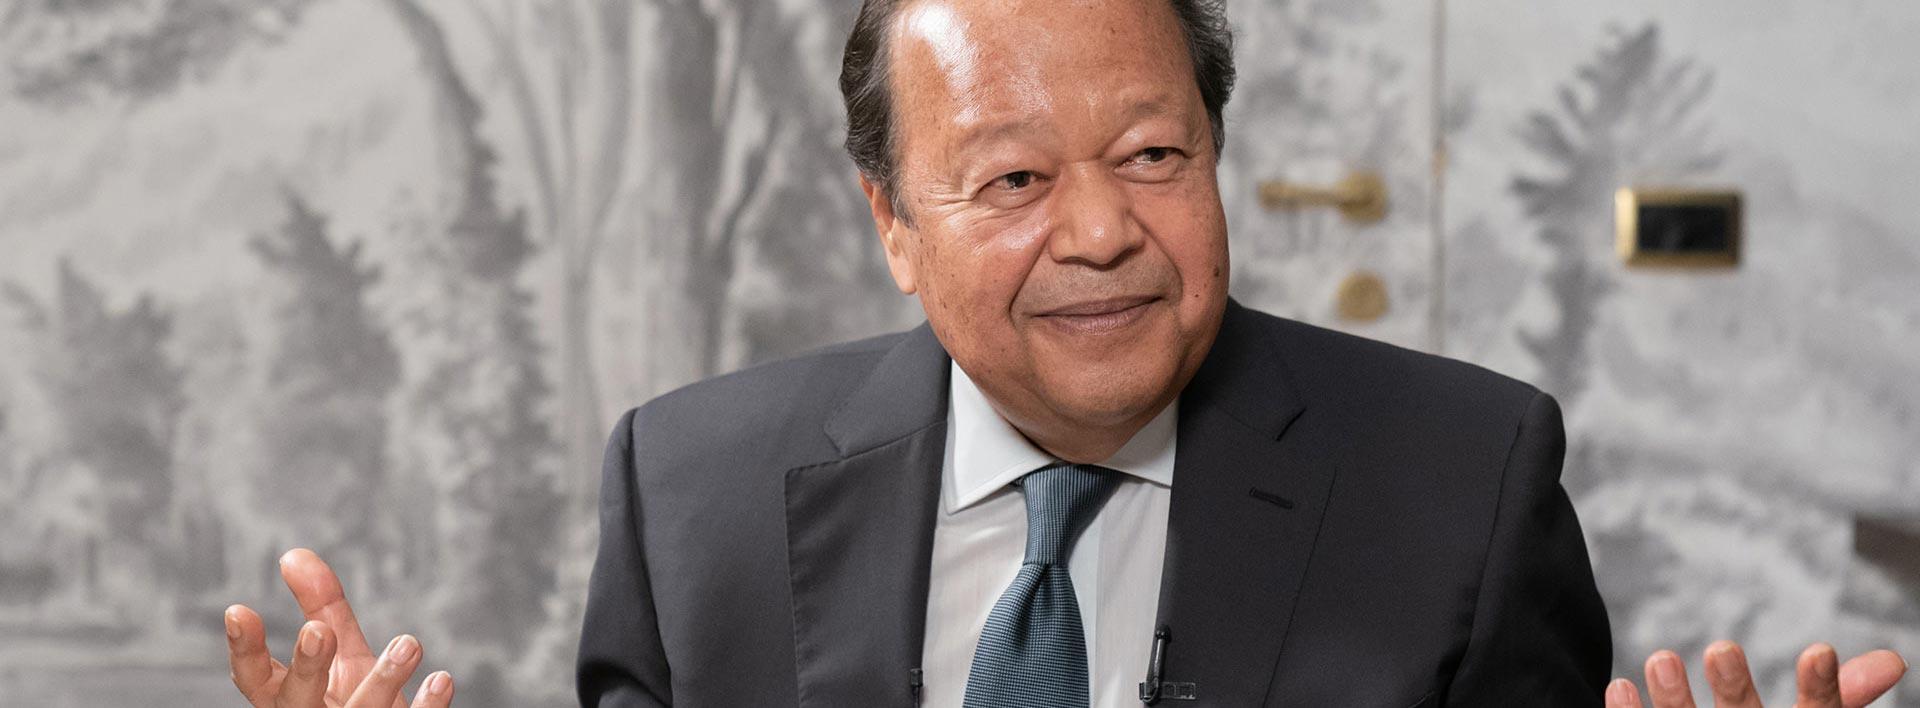 Venerdì 25 settembre ore 9:30, segui online la diretta della conferenza con Prem Rawat. Partecipa anche il ministro Alfonso Bonafede